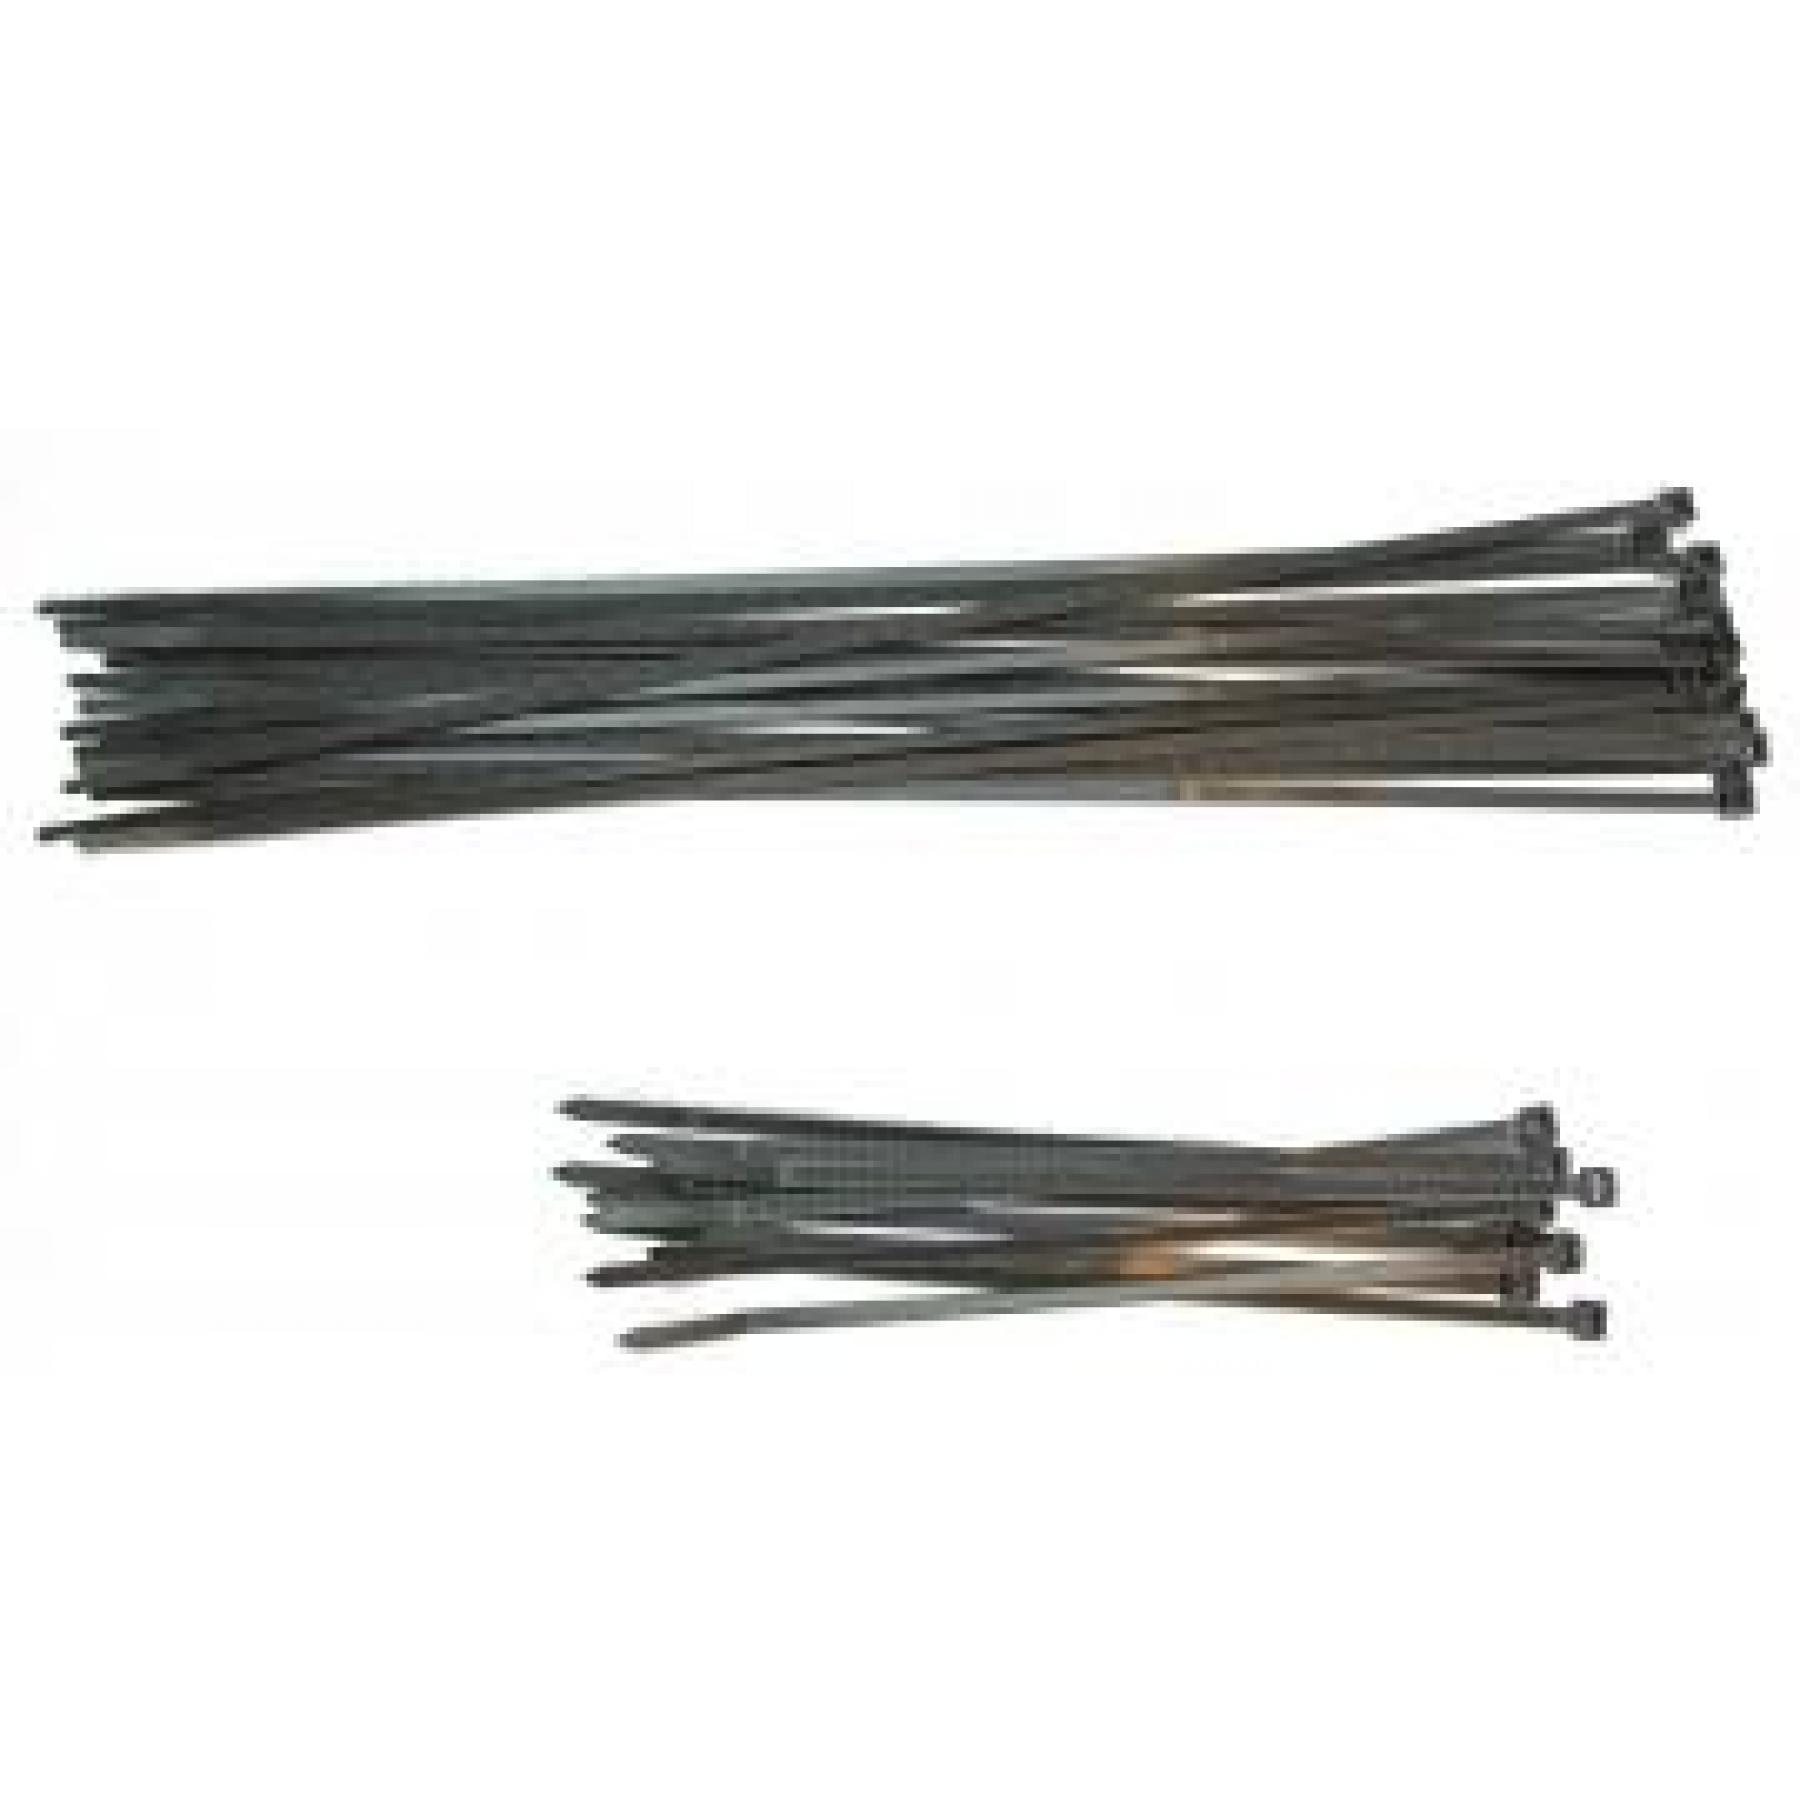 Kabelstrip 200x4,8 zwart 100st